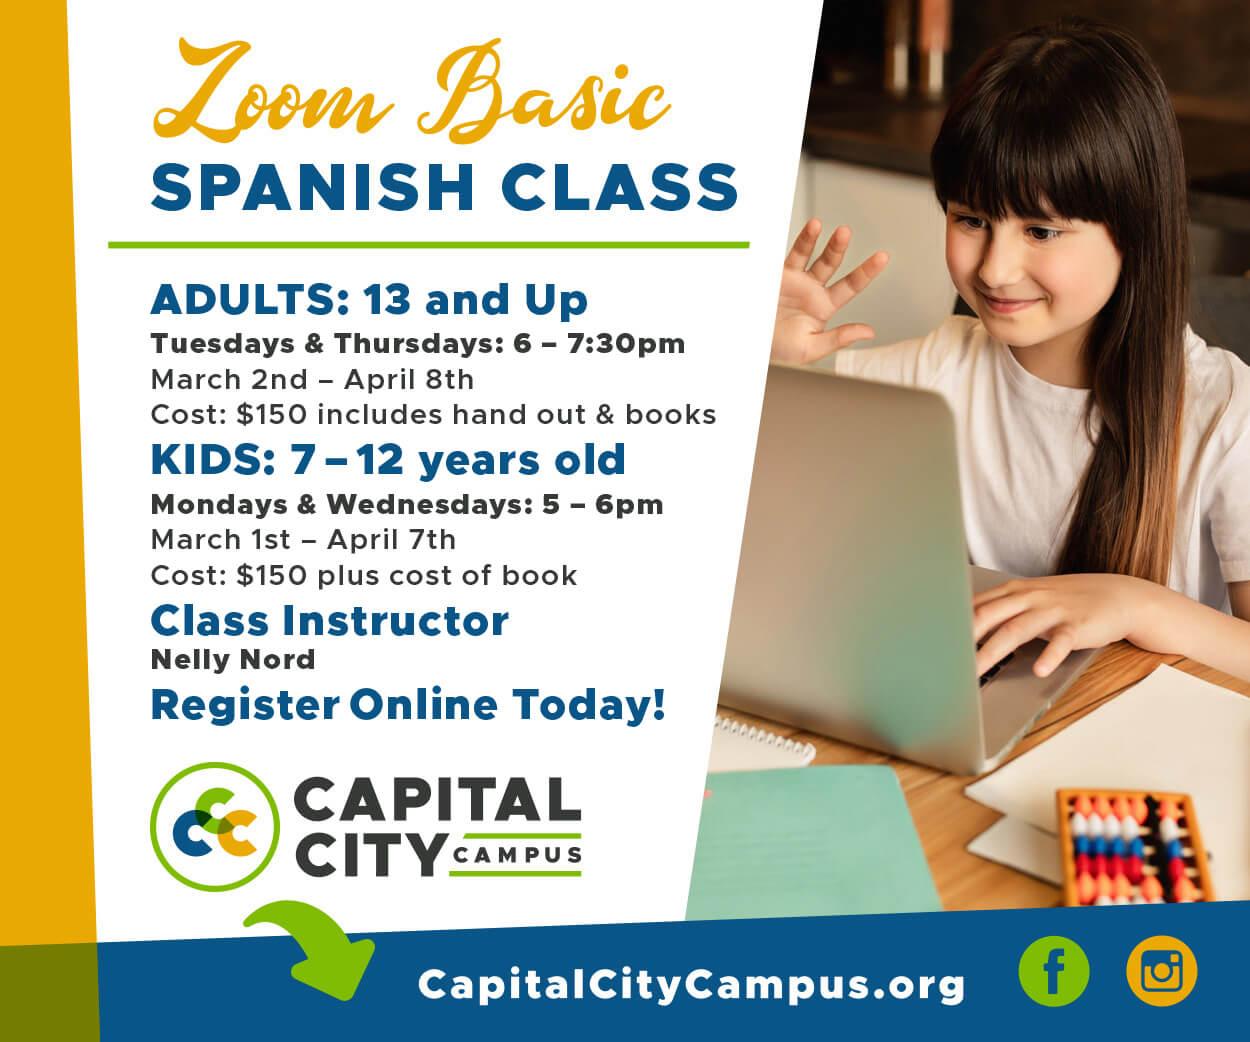 Spanish Classes 300 x 250